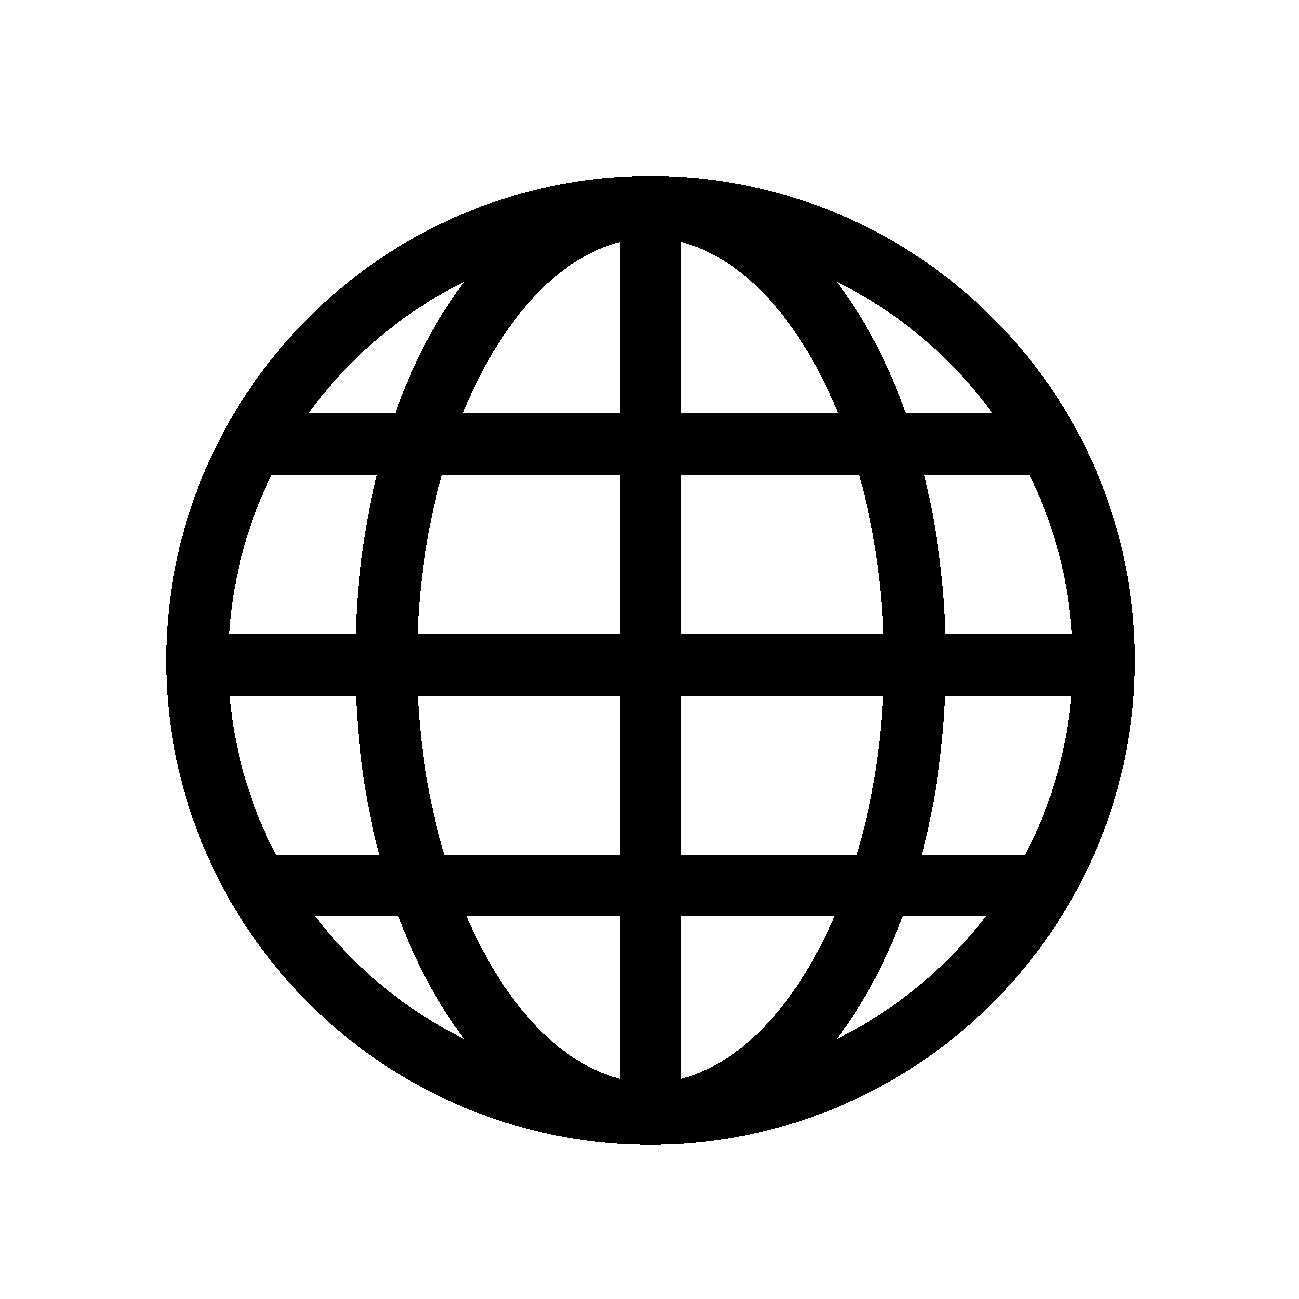 ico_04